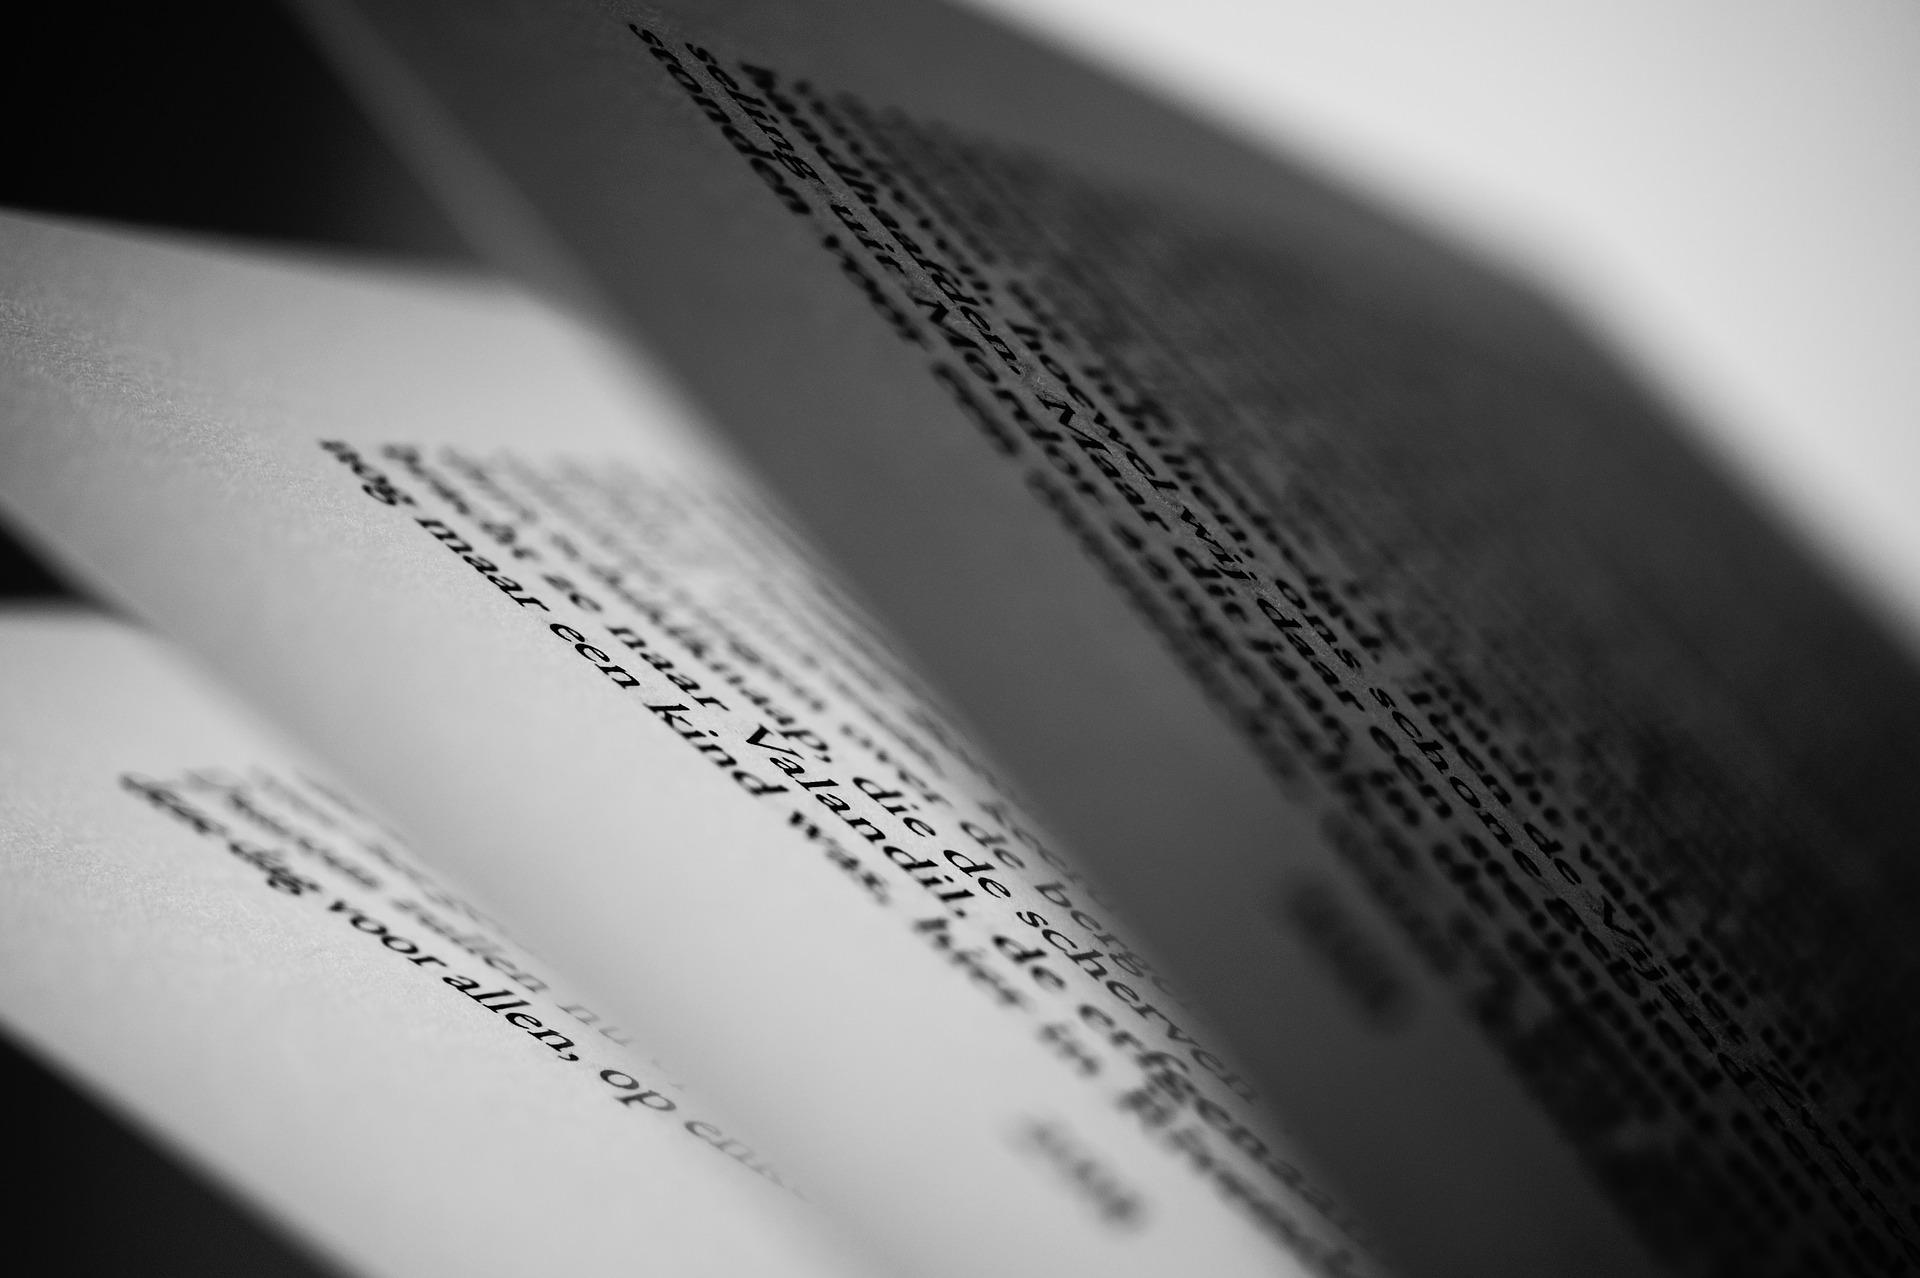 民法改正によって約款はどう変わった?新設内容について解説